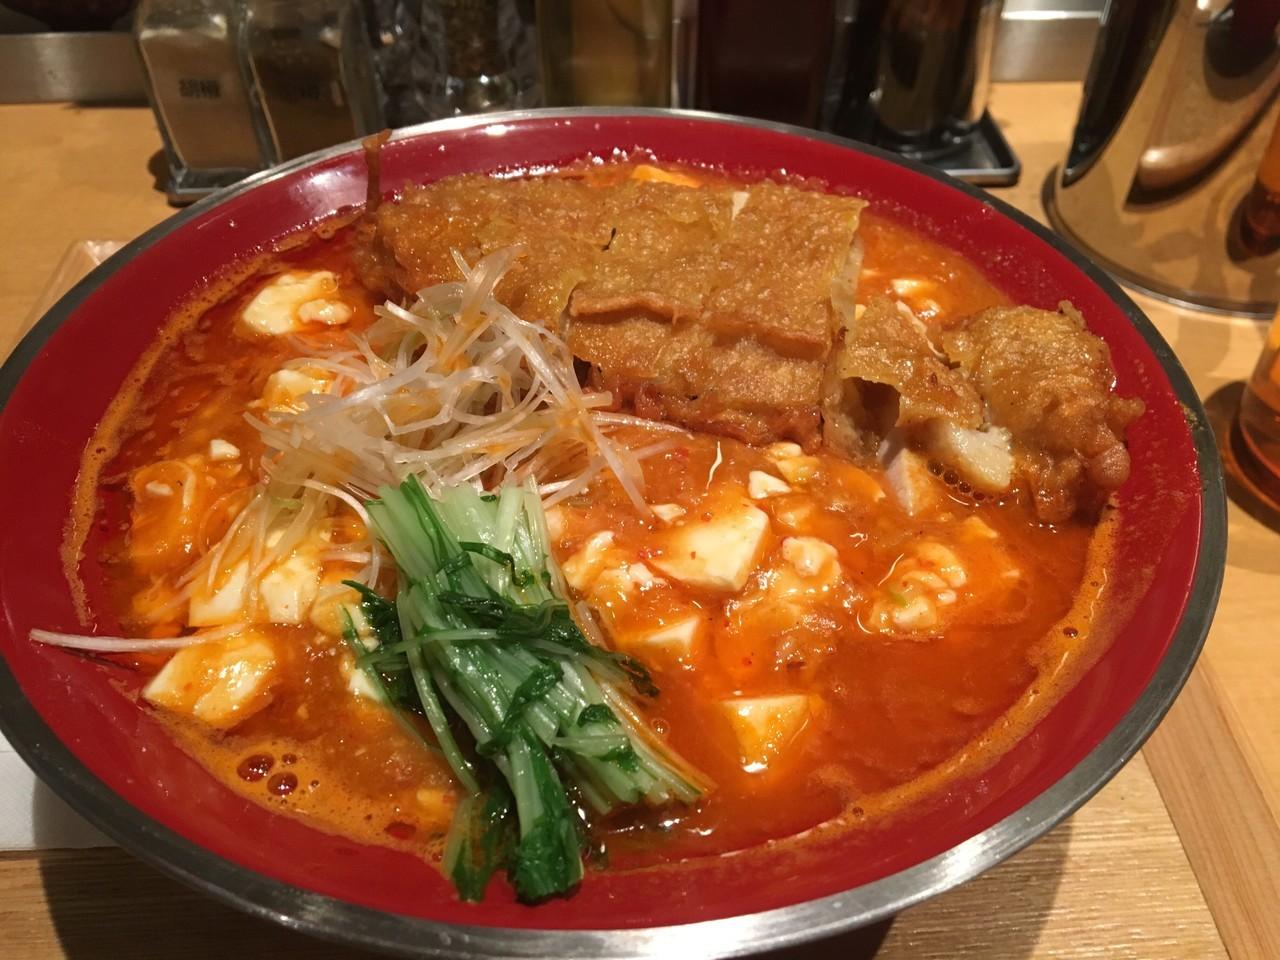 渋谷で食べたい辛いラーメン10選!宮崎名物の辛麺に復活した名物担々麺も!!